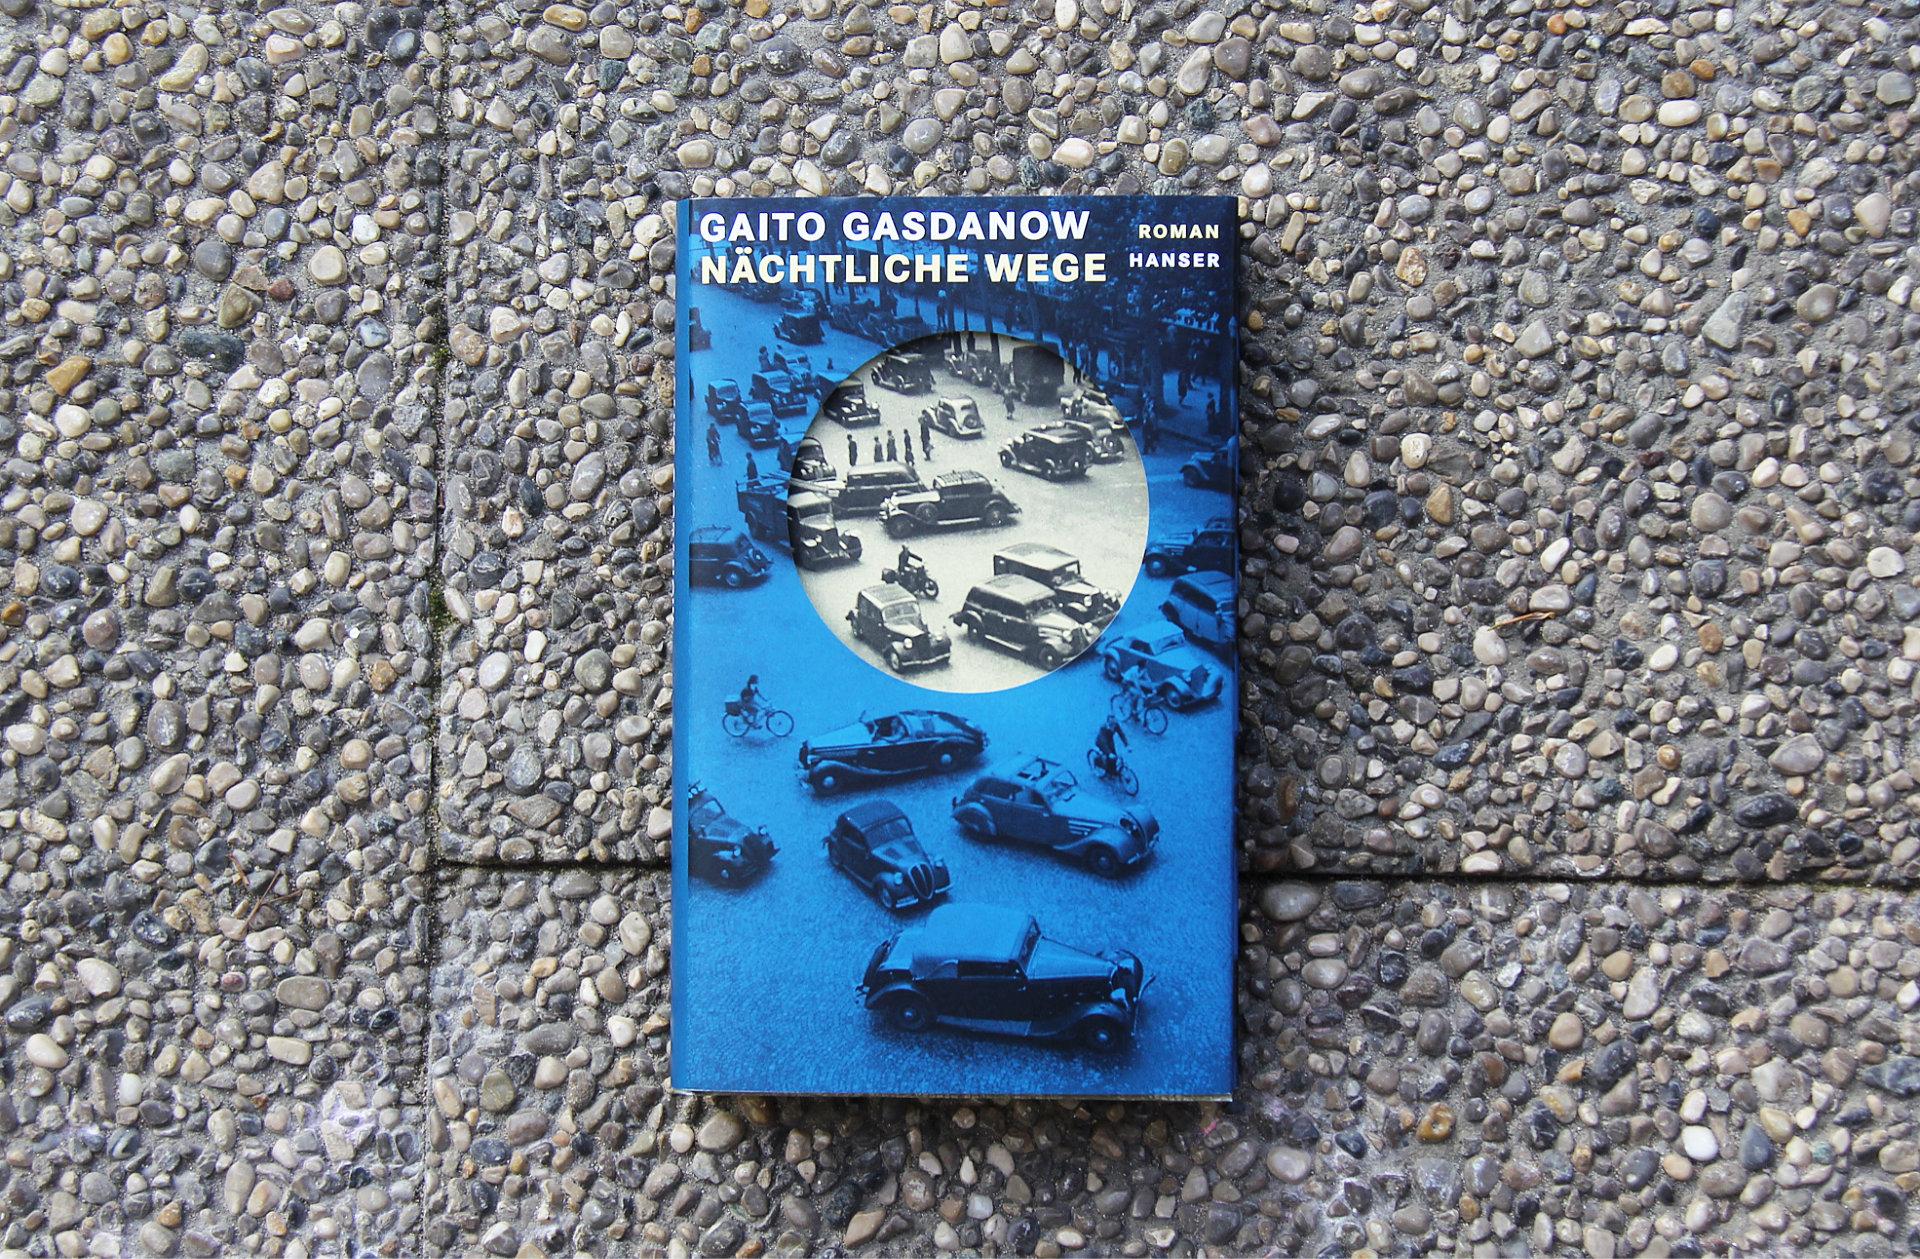 Nächtliche Wege • Gaito Gasdanow